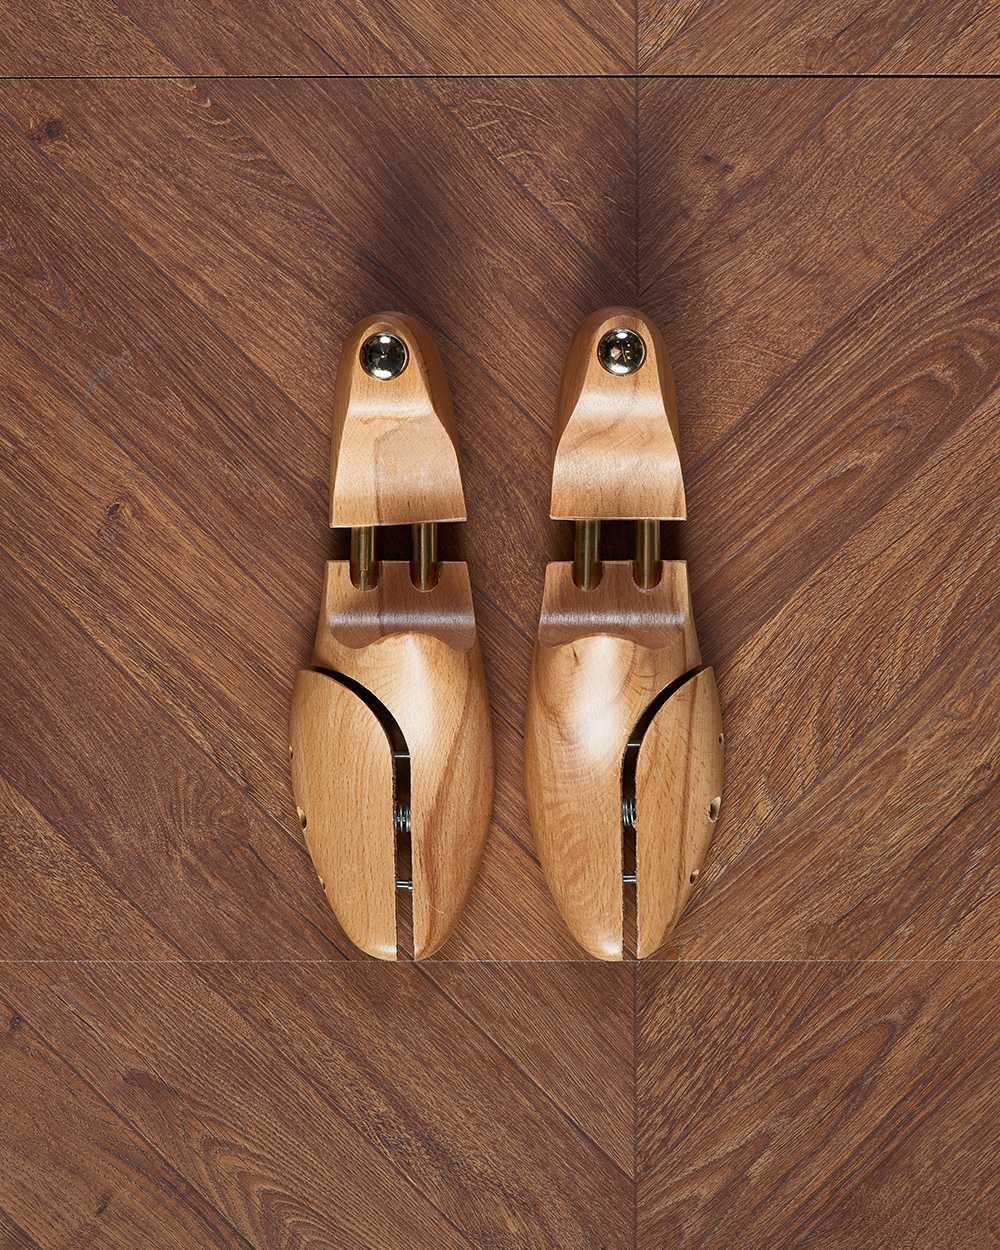 Колодки для обуви деревянные телескопические, две плоскости